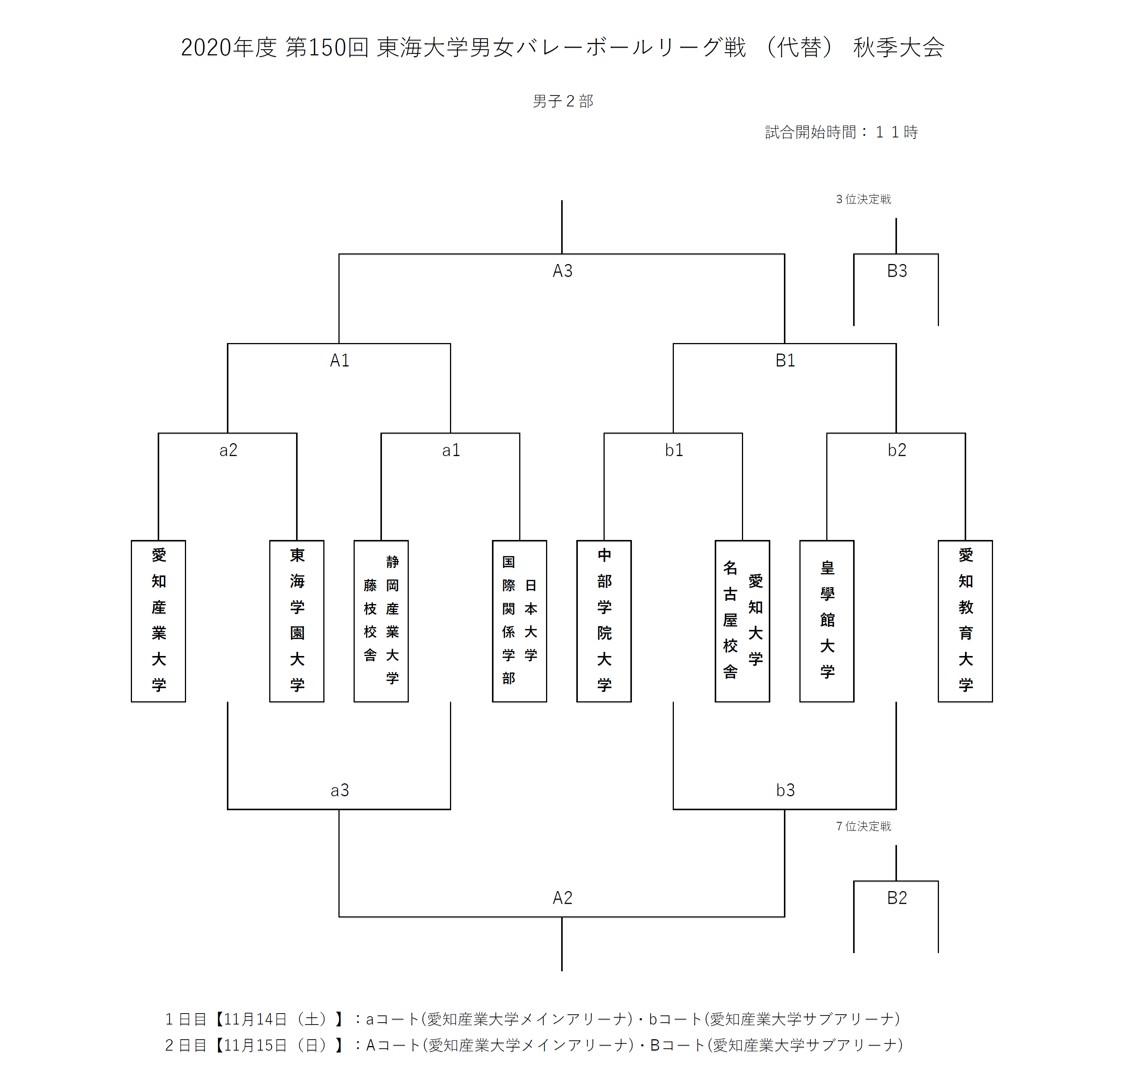 2020年度_東海大学バレーボール_秋季リーグ_男子2部_組合せ